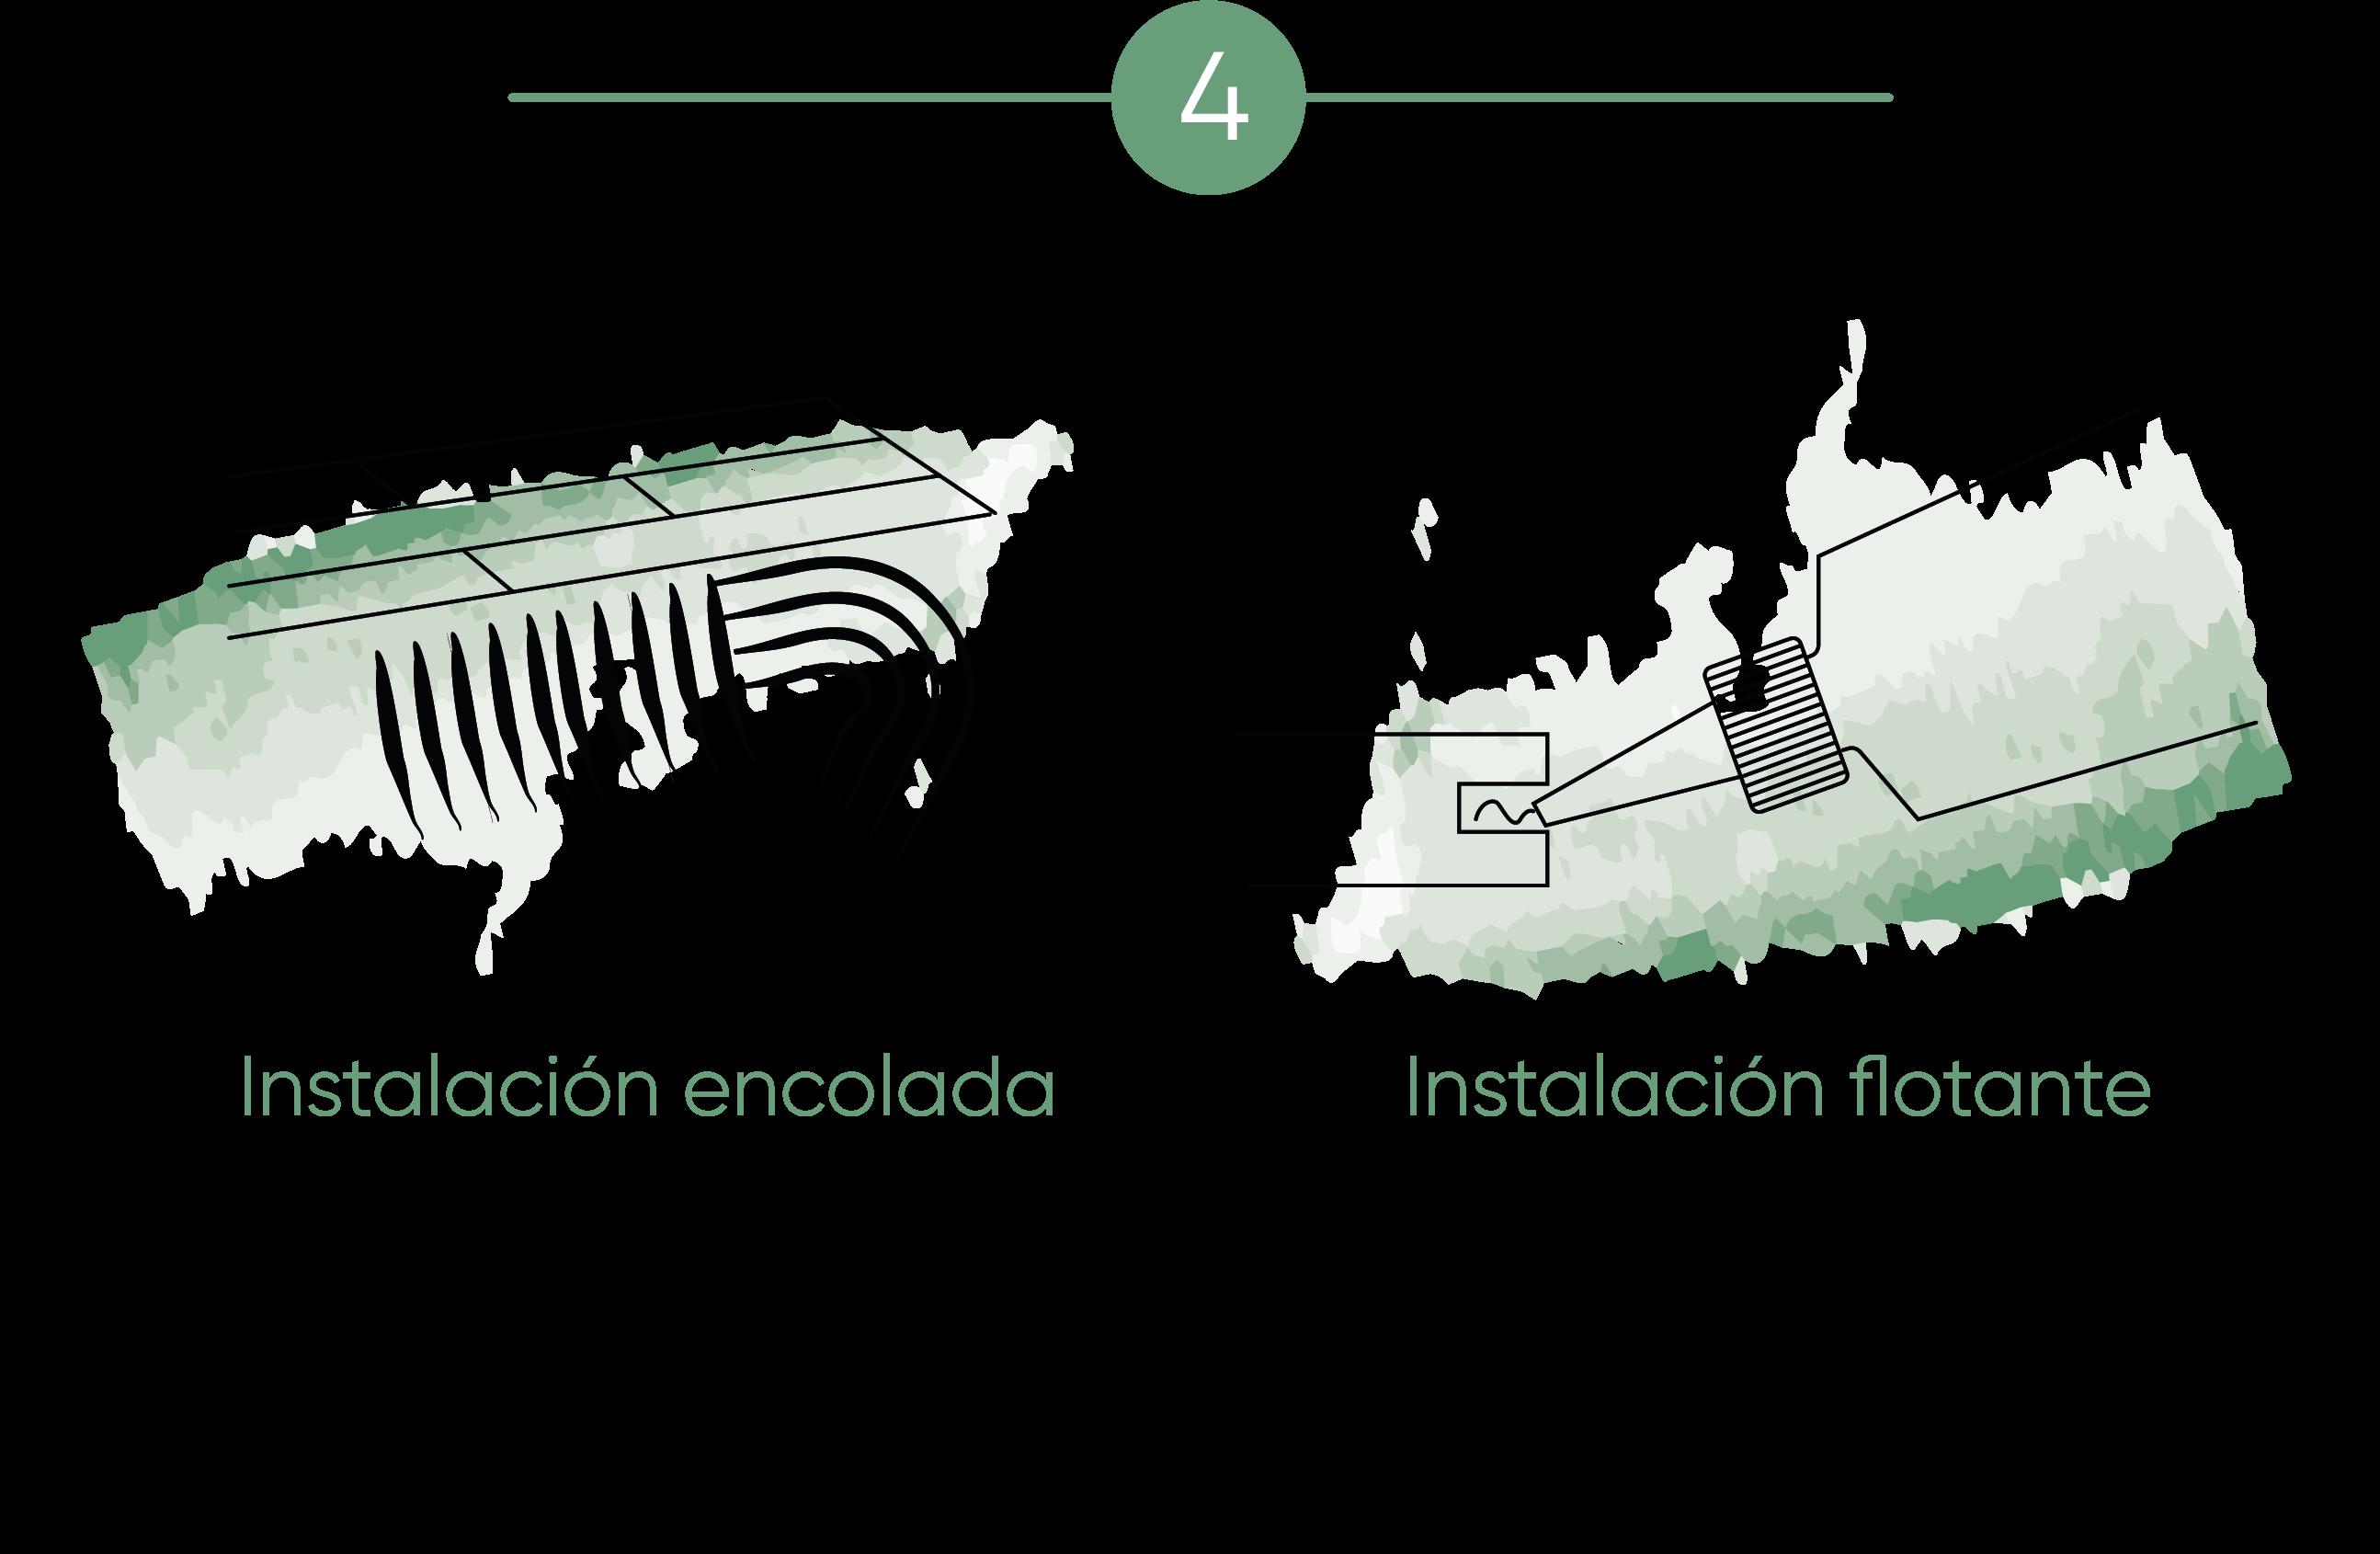 Ilustración que muestra que al instalar parquet el instalador utiliza un adhesivo correcto en la instalación encolada y flotante